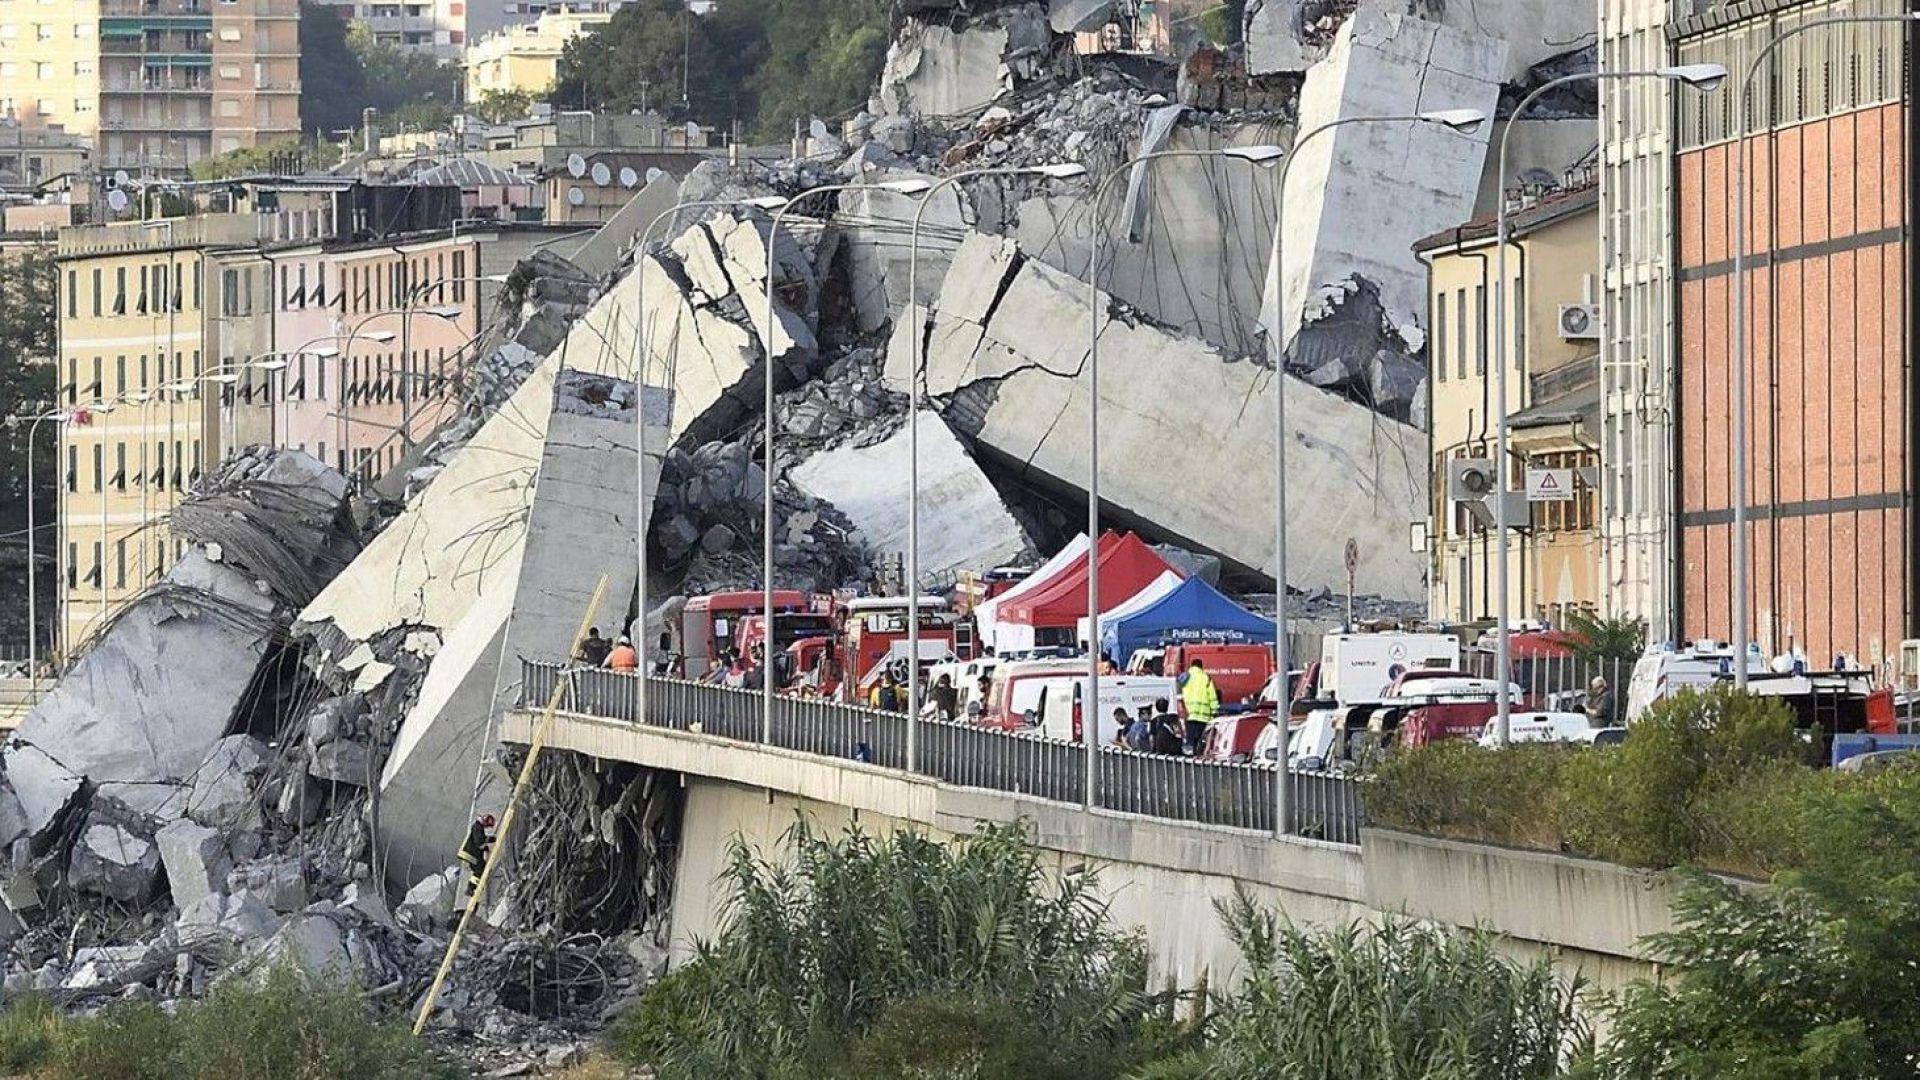 Рим обвини ЕС за трагедията с моста в Генуа